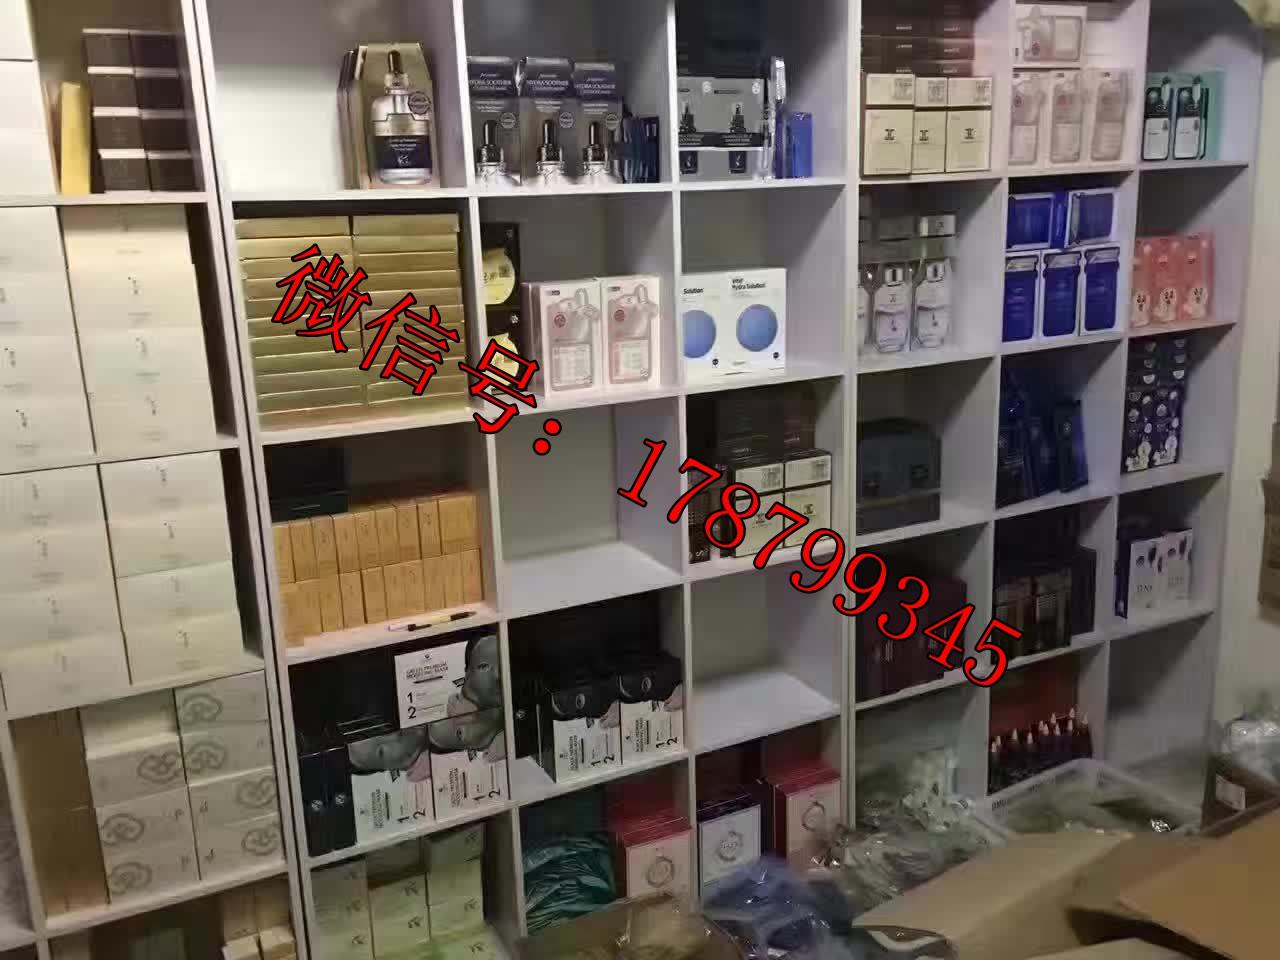 微商化妆品代理日韩化妆品一手货源货源的封面大图